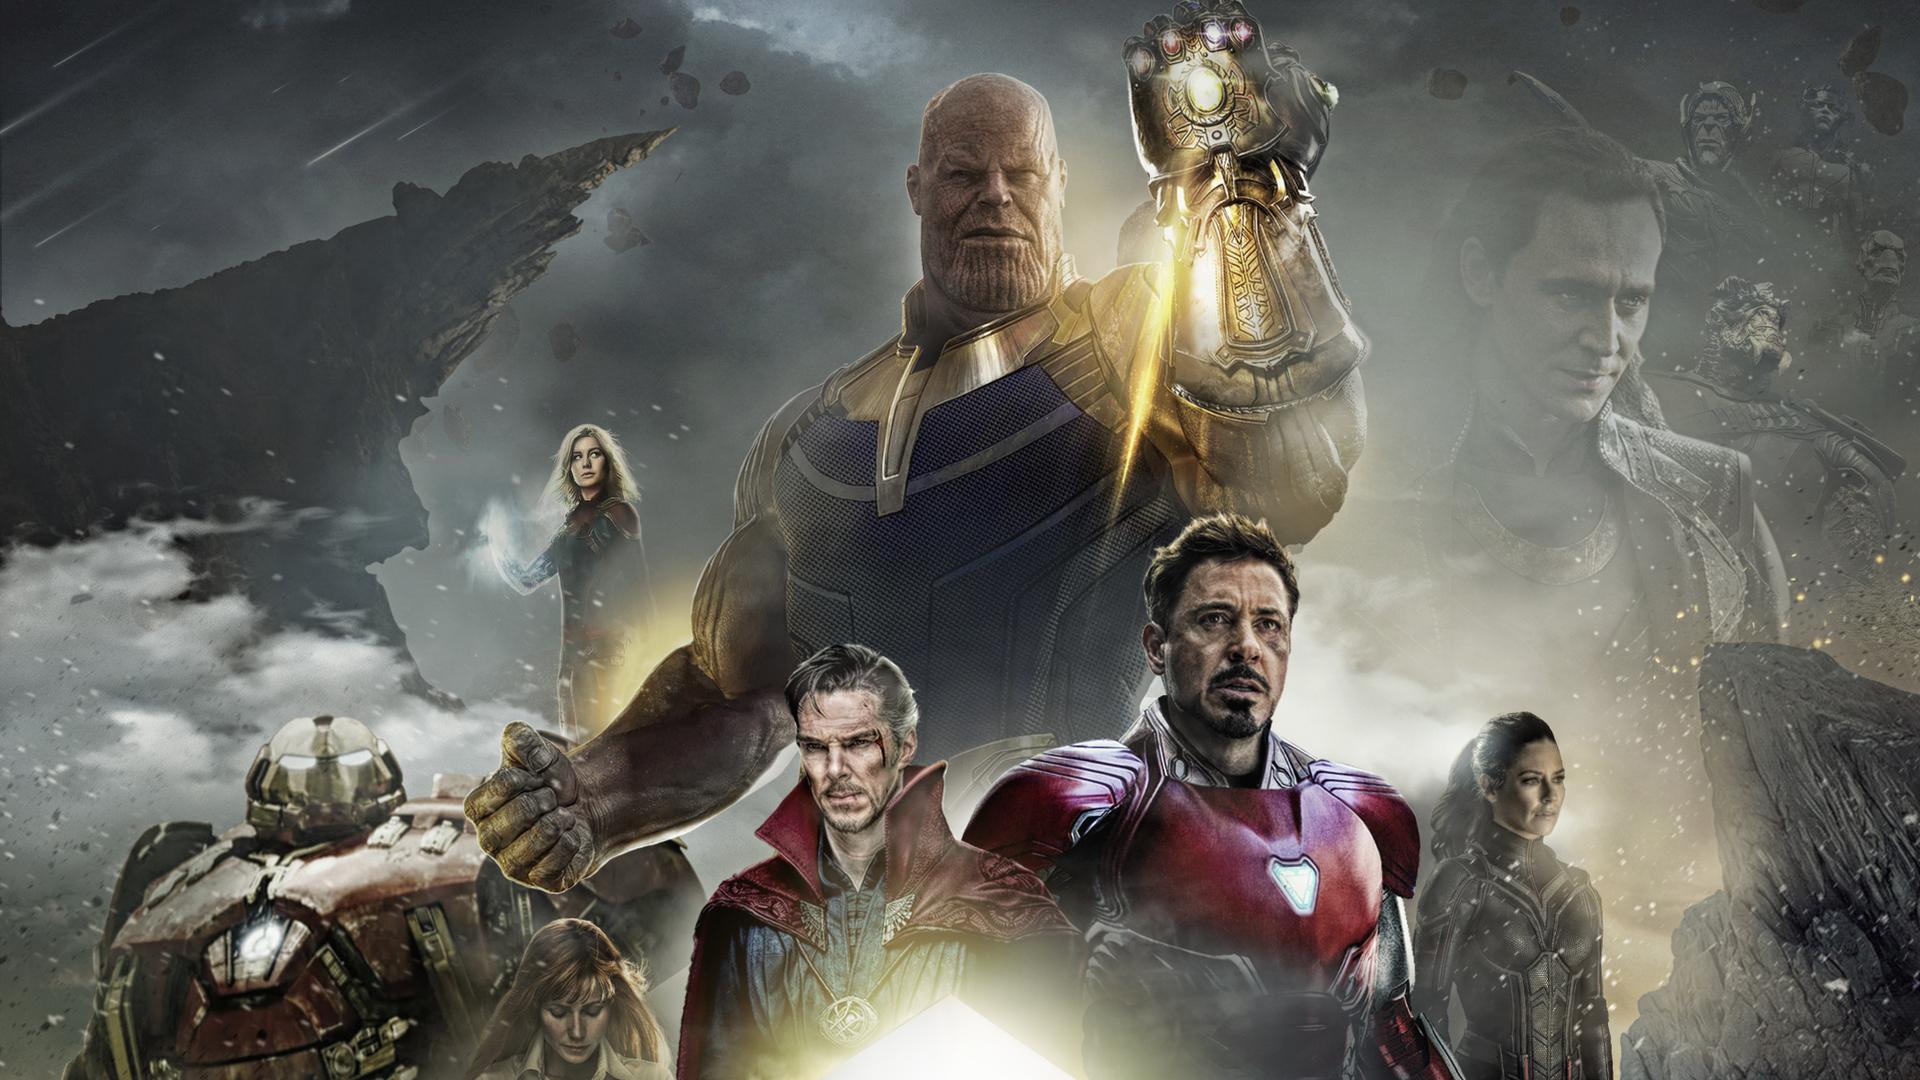 Wallpaper Thanos Avengers Infinity War Artwork Hd: 1920x1080 Avengers Infinity War 2018 Poster Fan Made